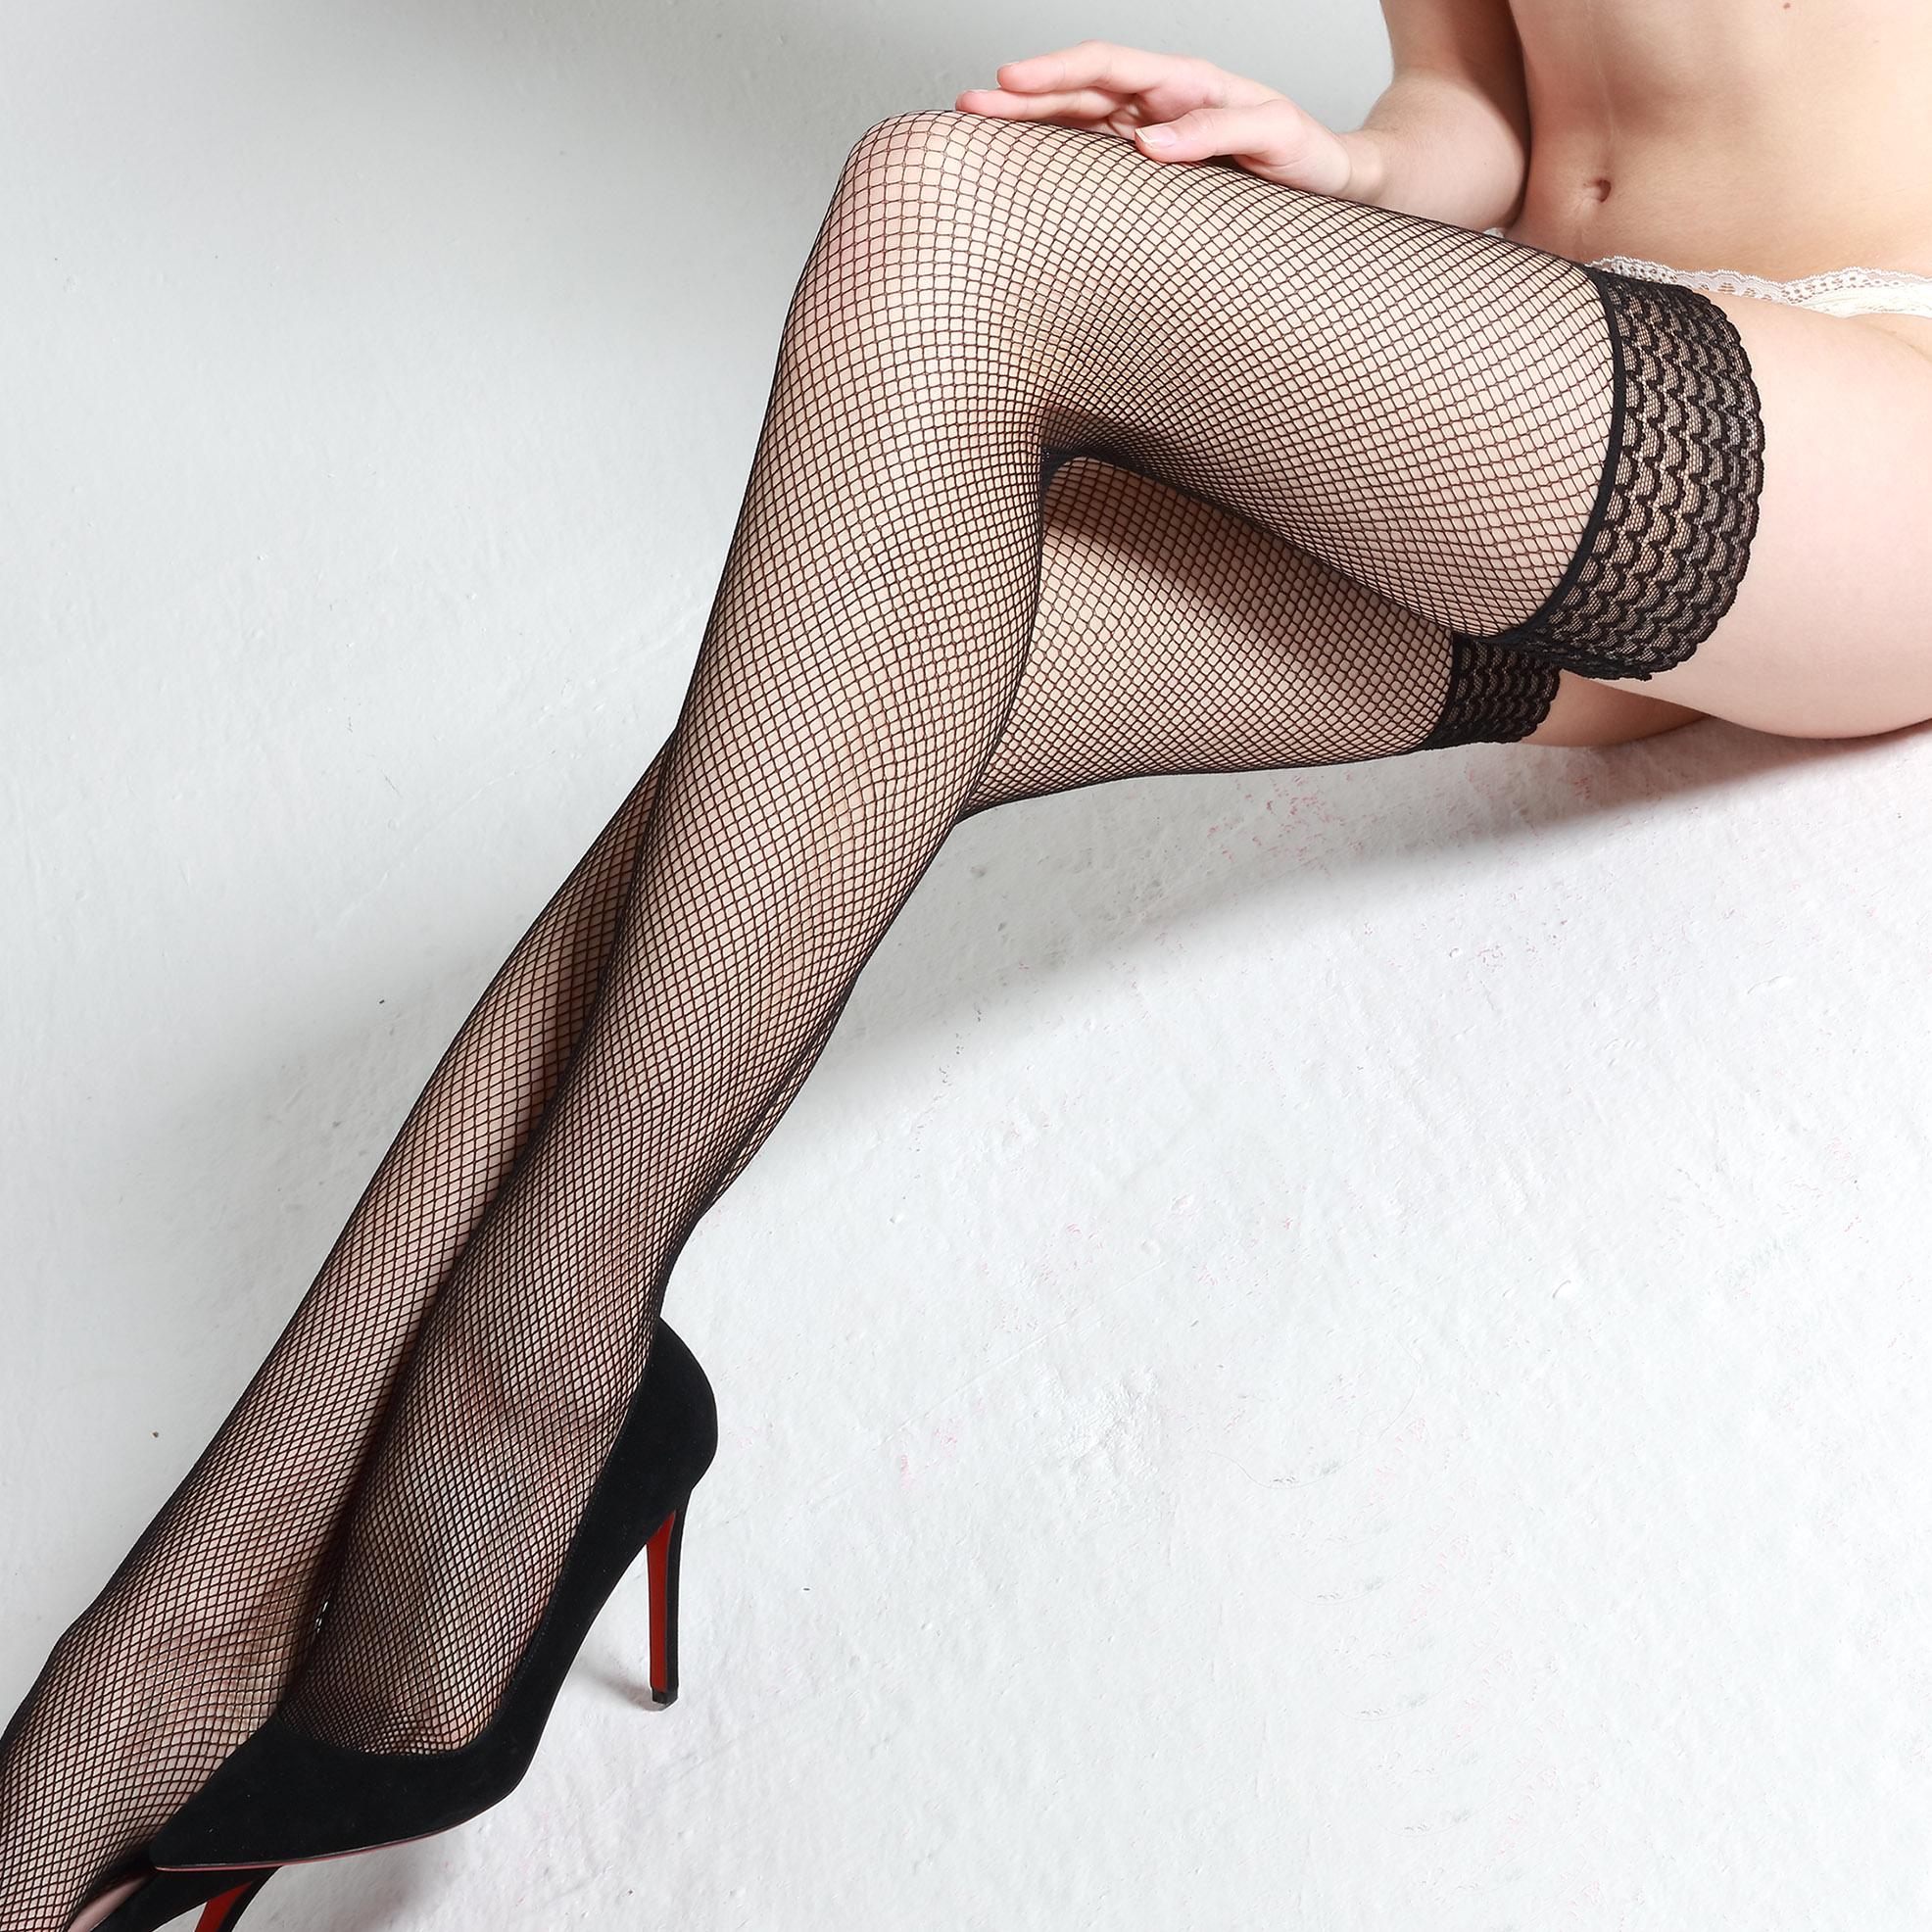 网袜长筒超薄款蕾丝花边镂空防滑性感过膝袜丝袜女夏高筒袜大腿袜